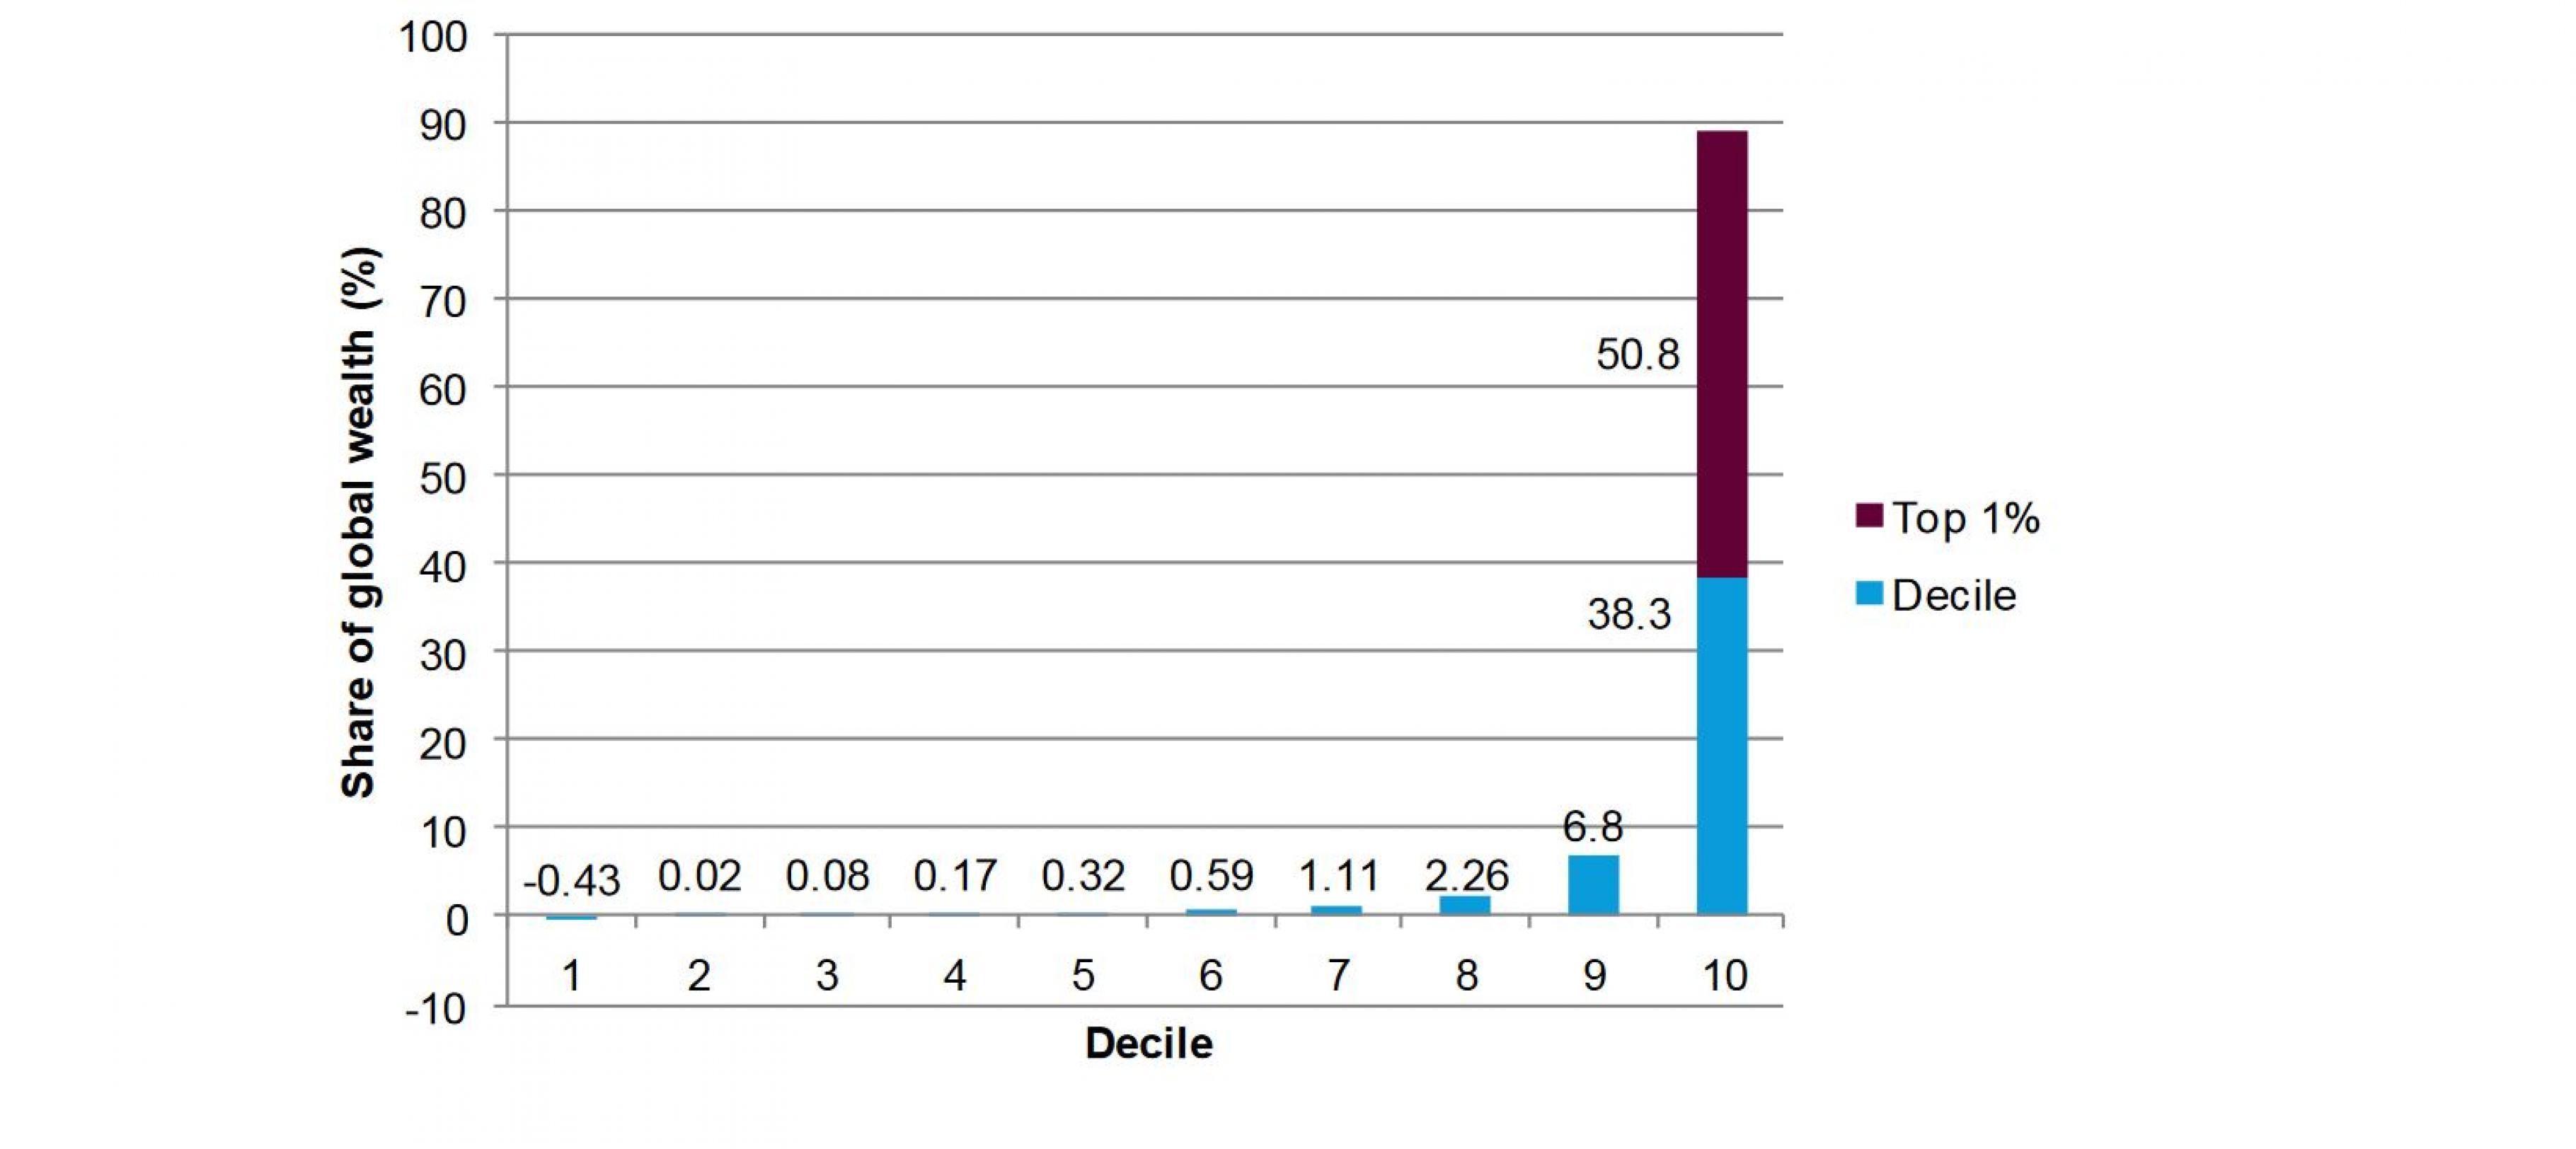 Grafik: Globale Vermögensverteilung in Dezilen (10-Prozent-Schritten) der Weltbevölkerung